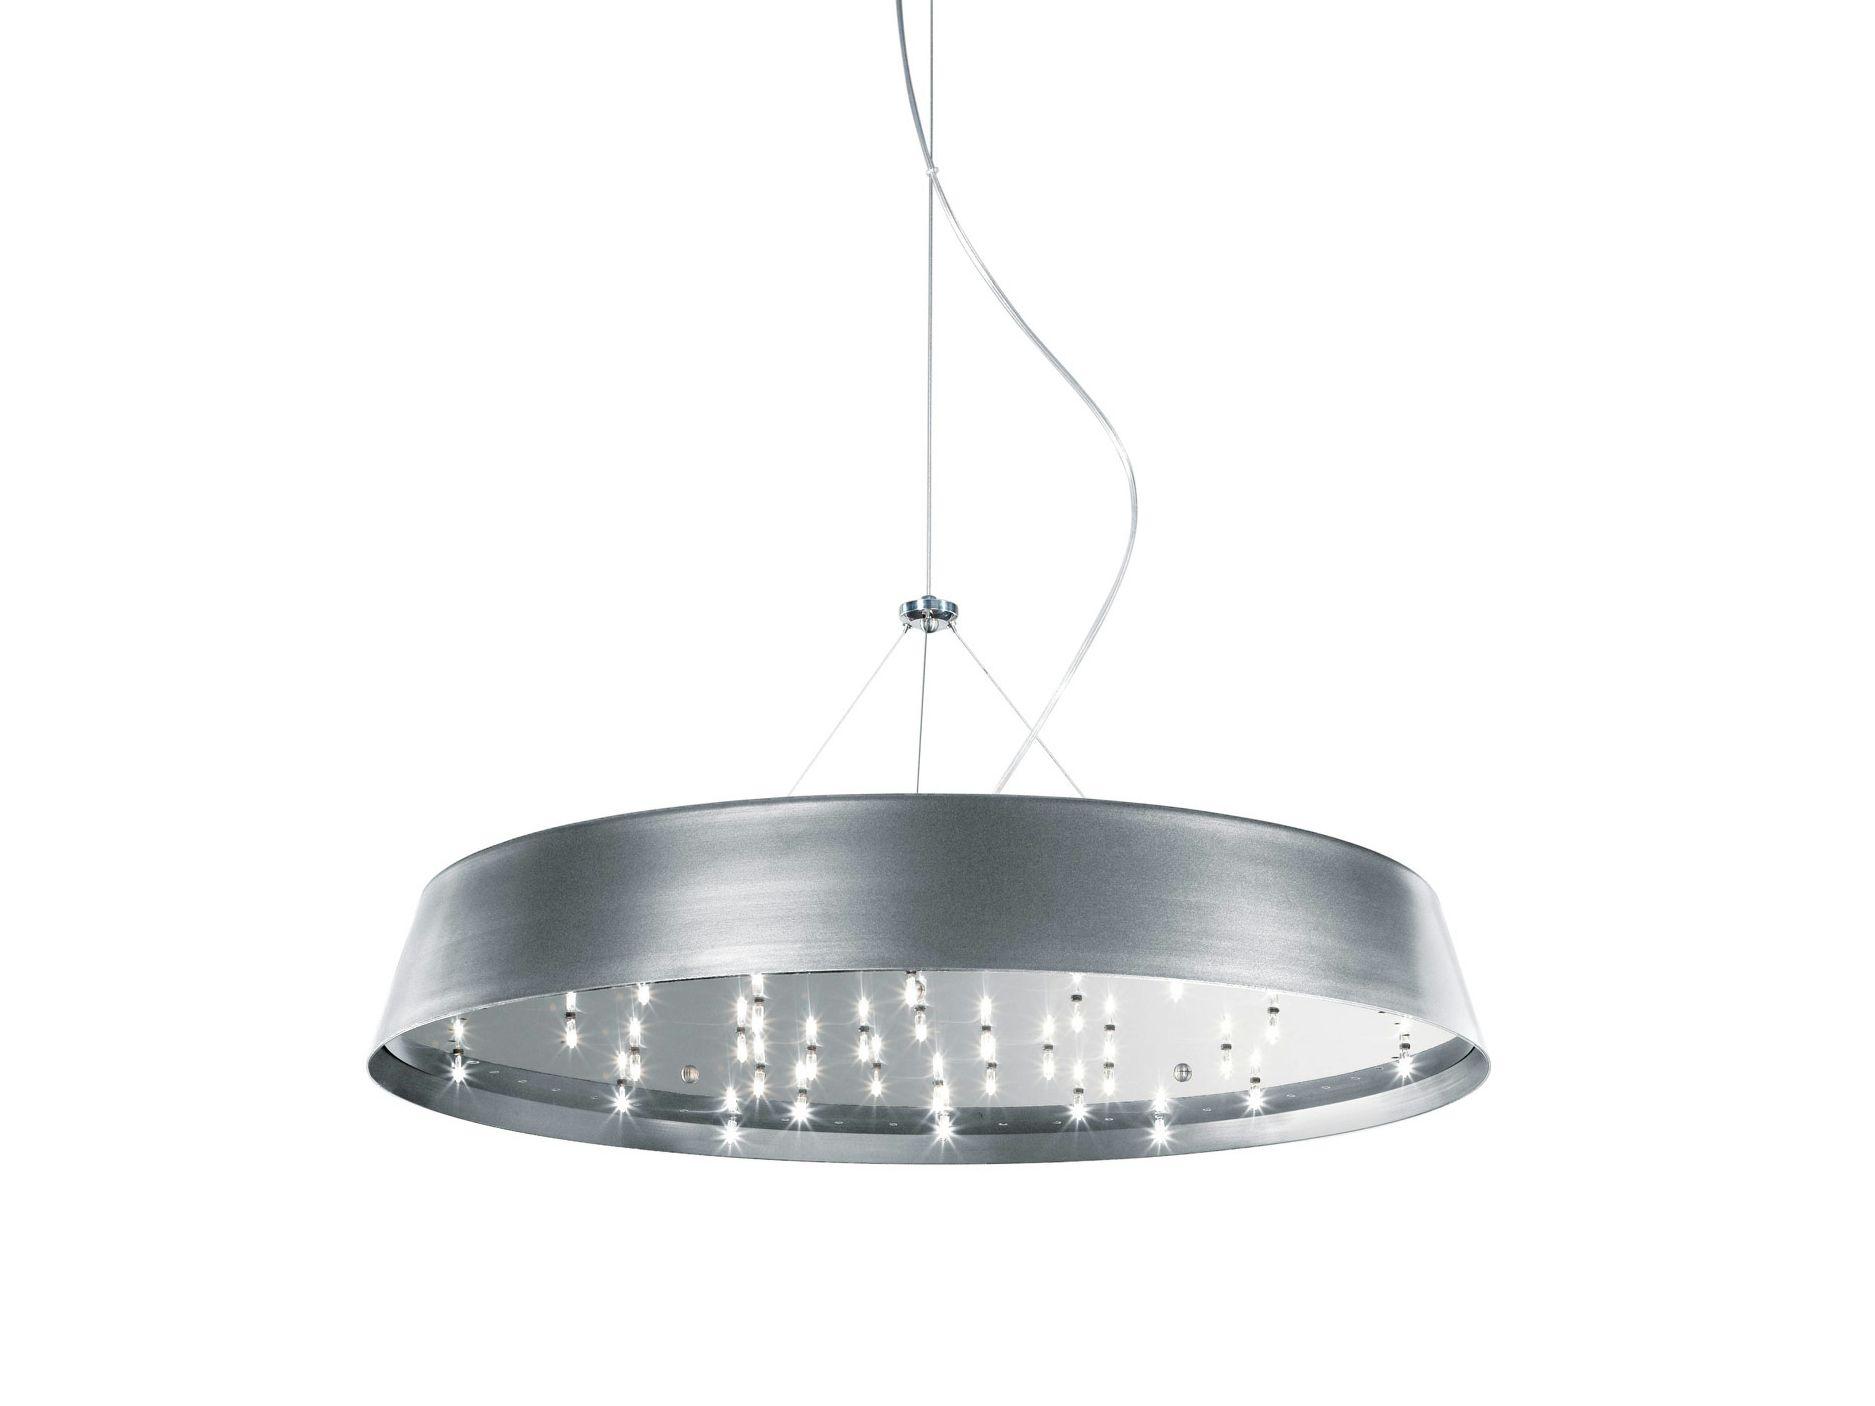 CHIC Pendant Lamp By ROCHE BOBOIS Design Carlo Zerbaro